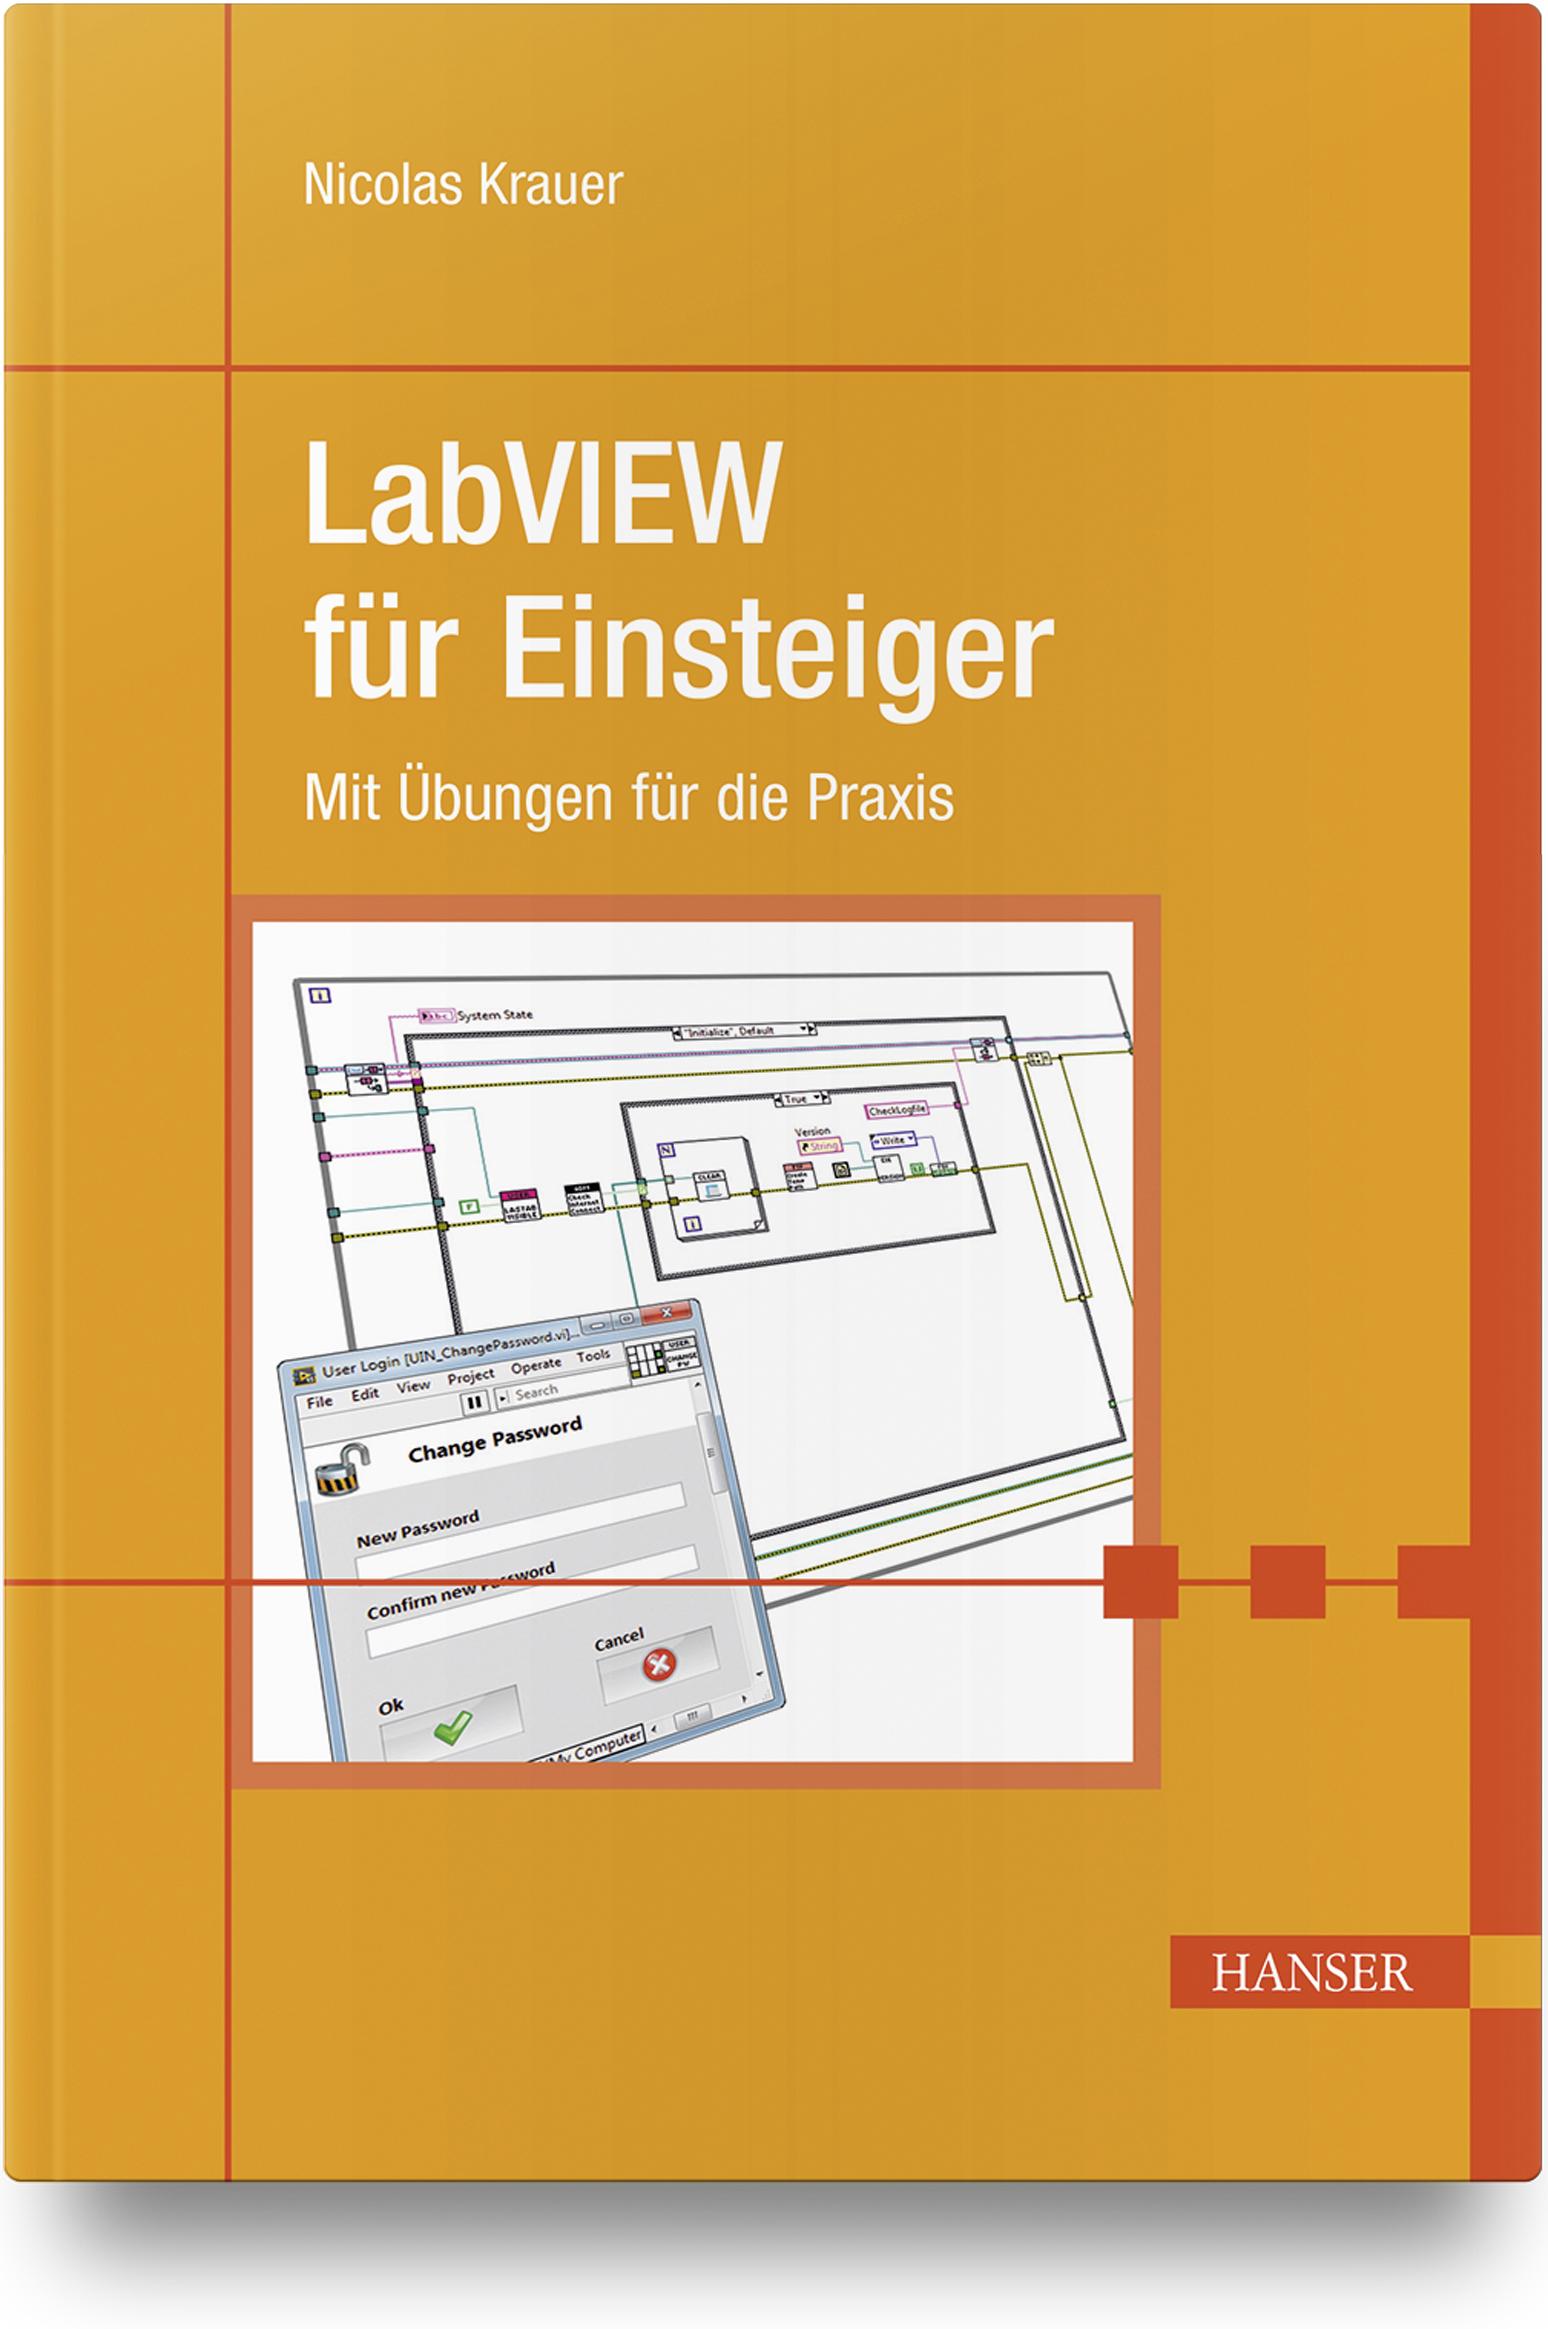 Krauer, LabVIEW für Einsteiger, 978-3-446-45906-9